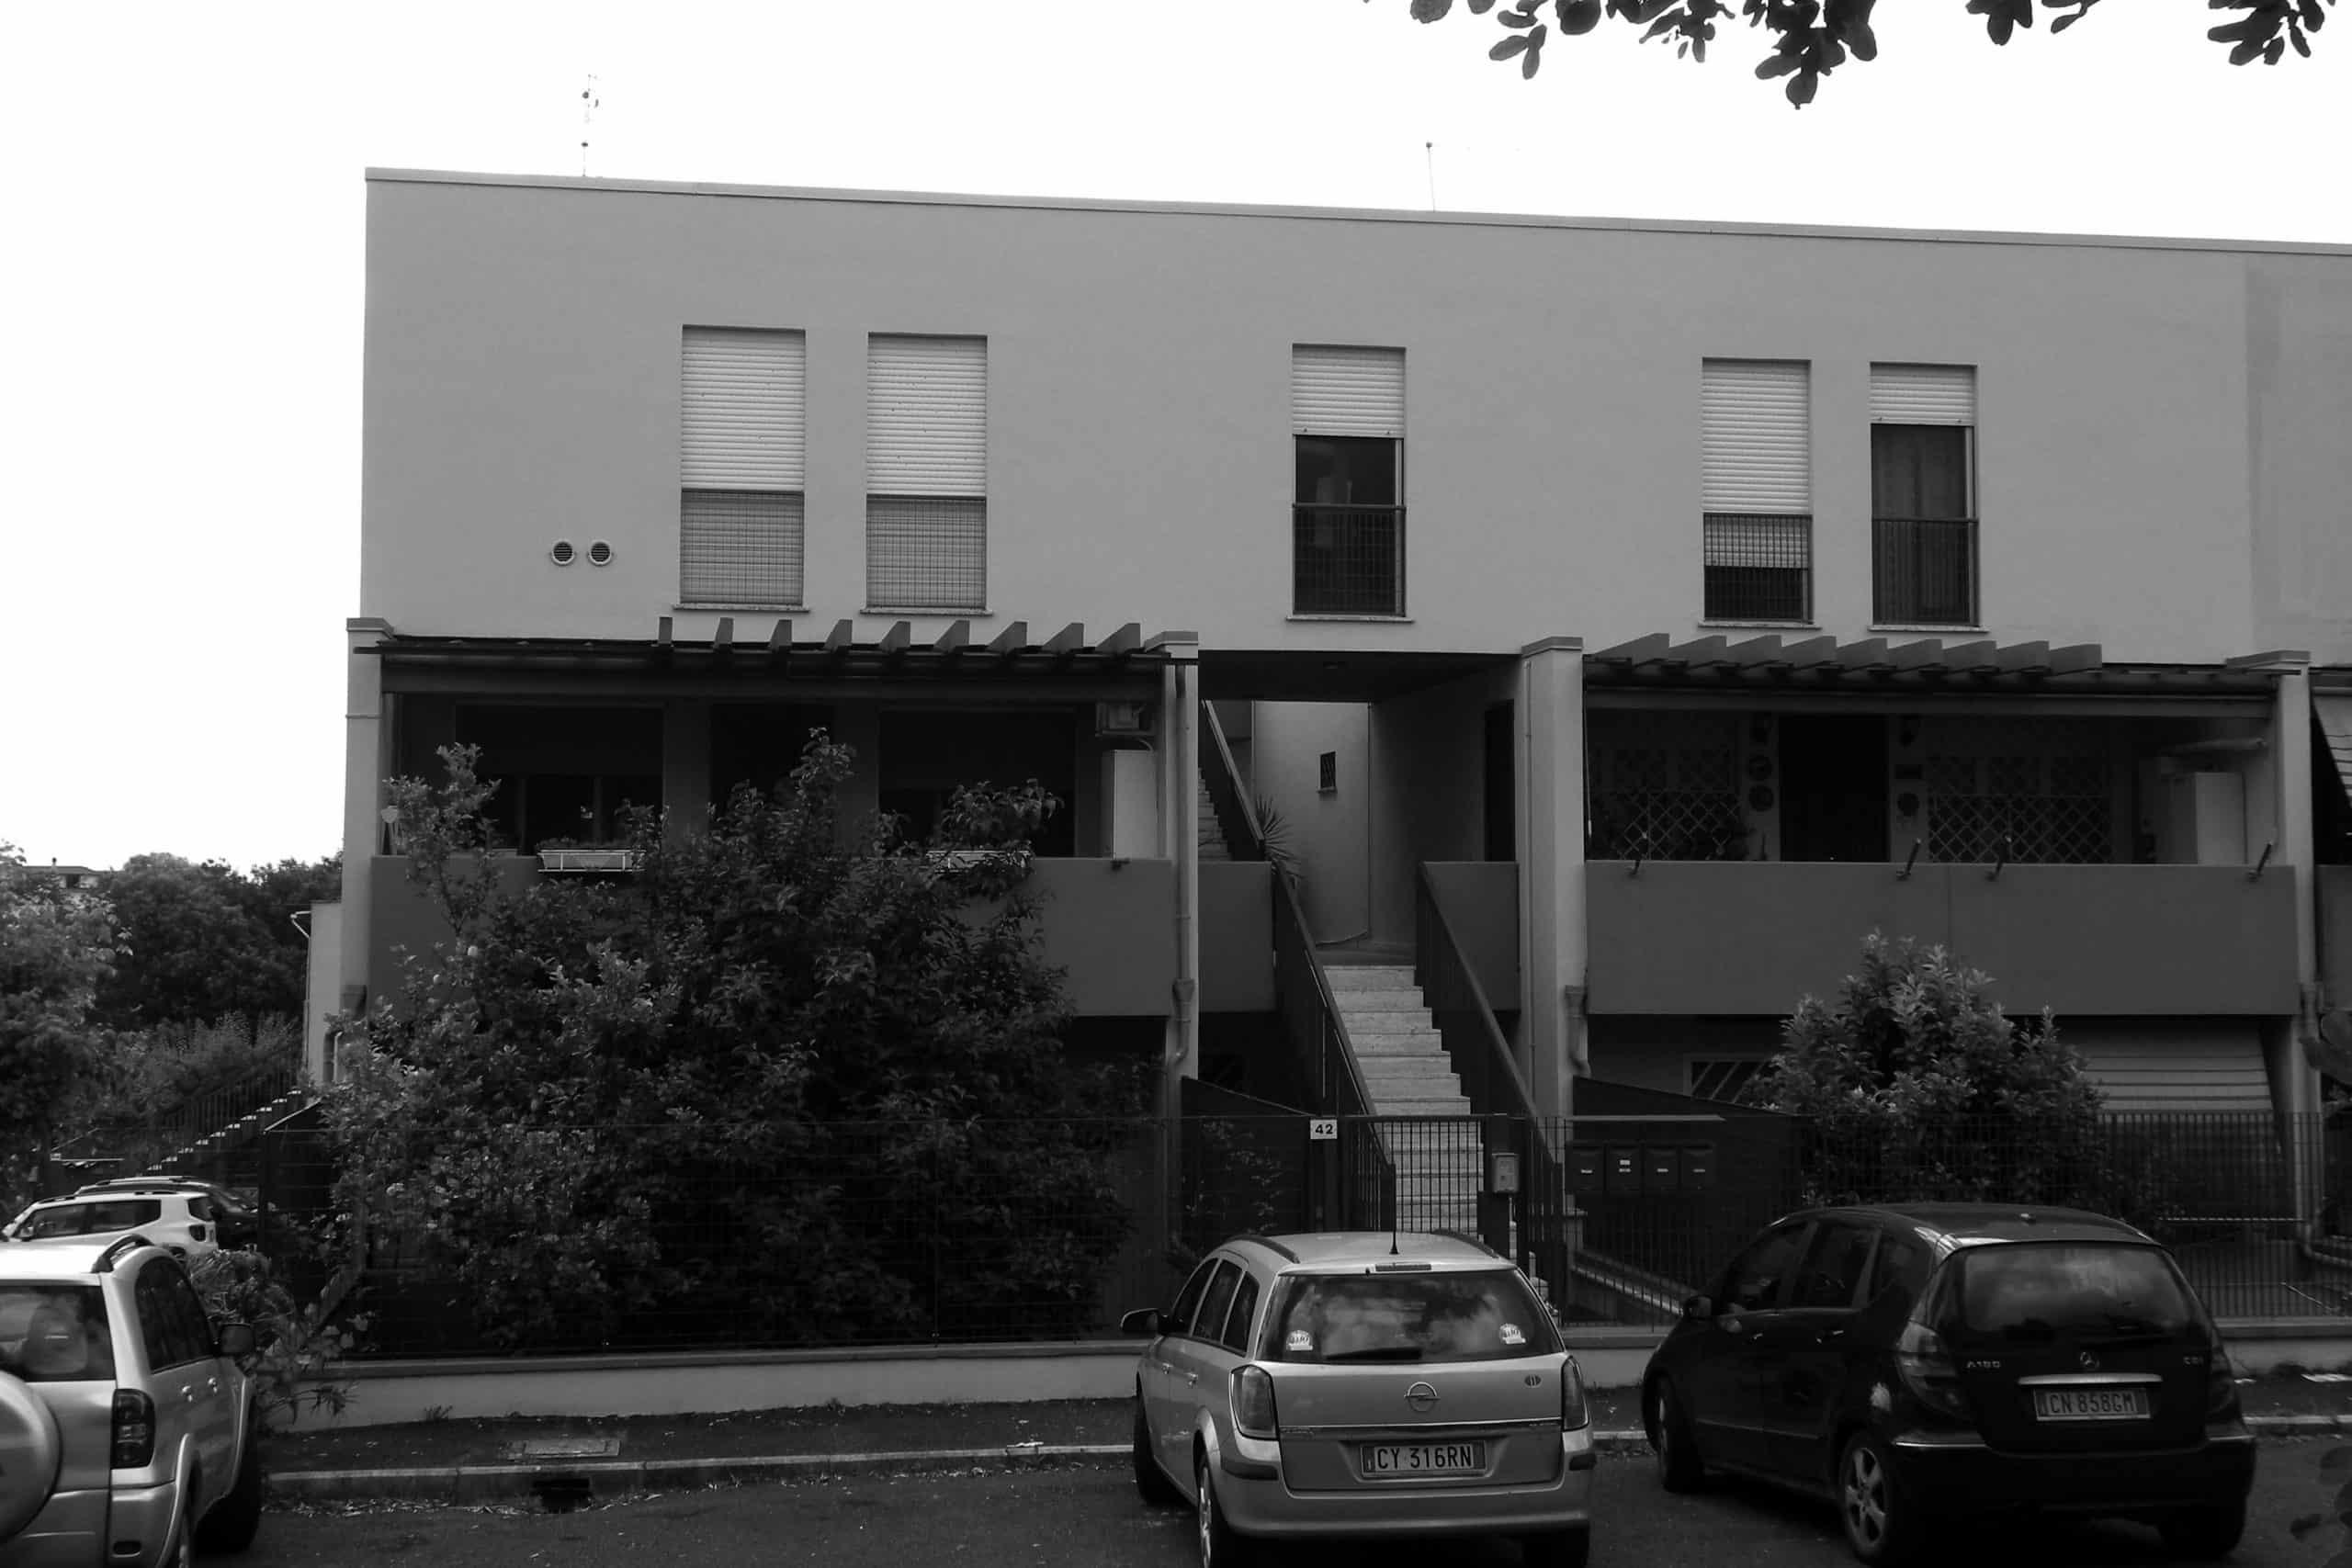 10 - Complesso per 118 alloggi nel PdZ di Fiano Romano (RM); con R. De Vito - Vista esterna